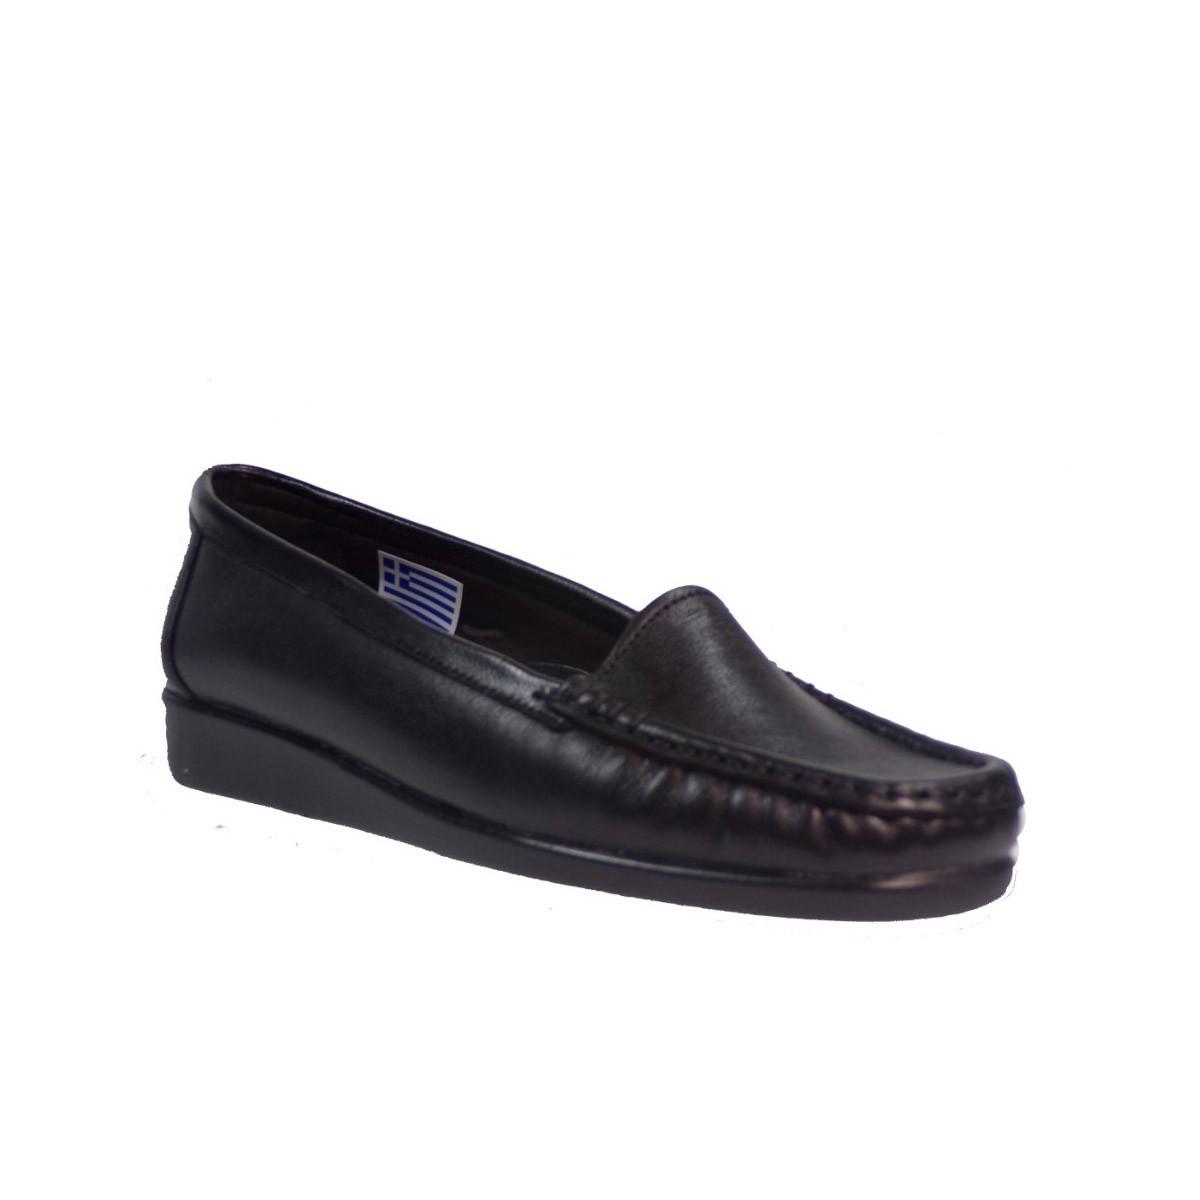 ΛέΩΝ Γυναικεία Παπούτσια 01 Μαύρο ΛέΩΝ 01 Μαύρο